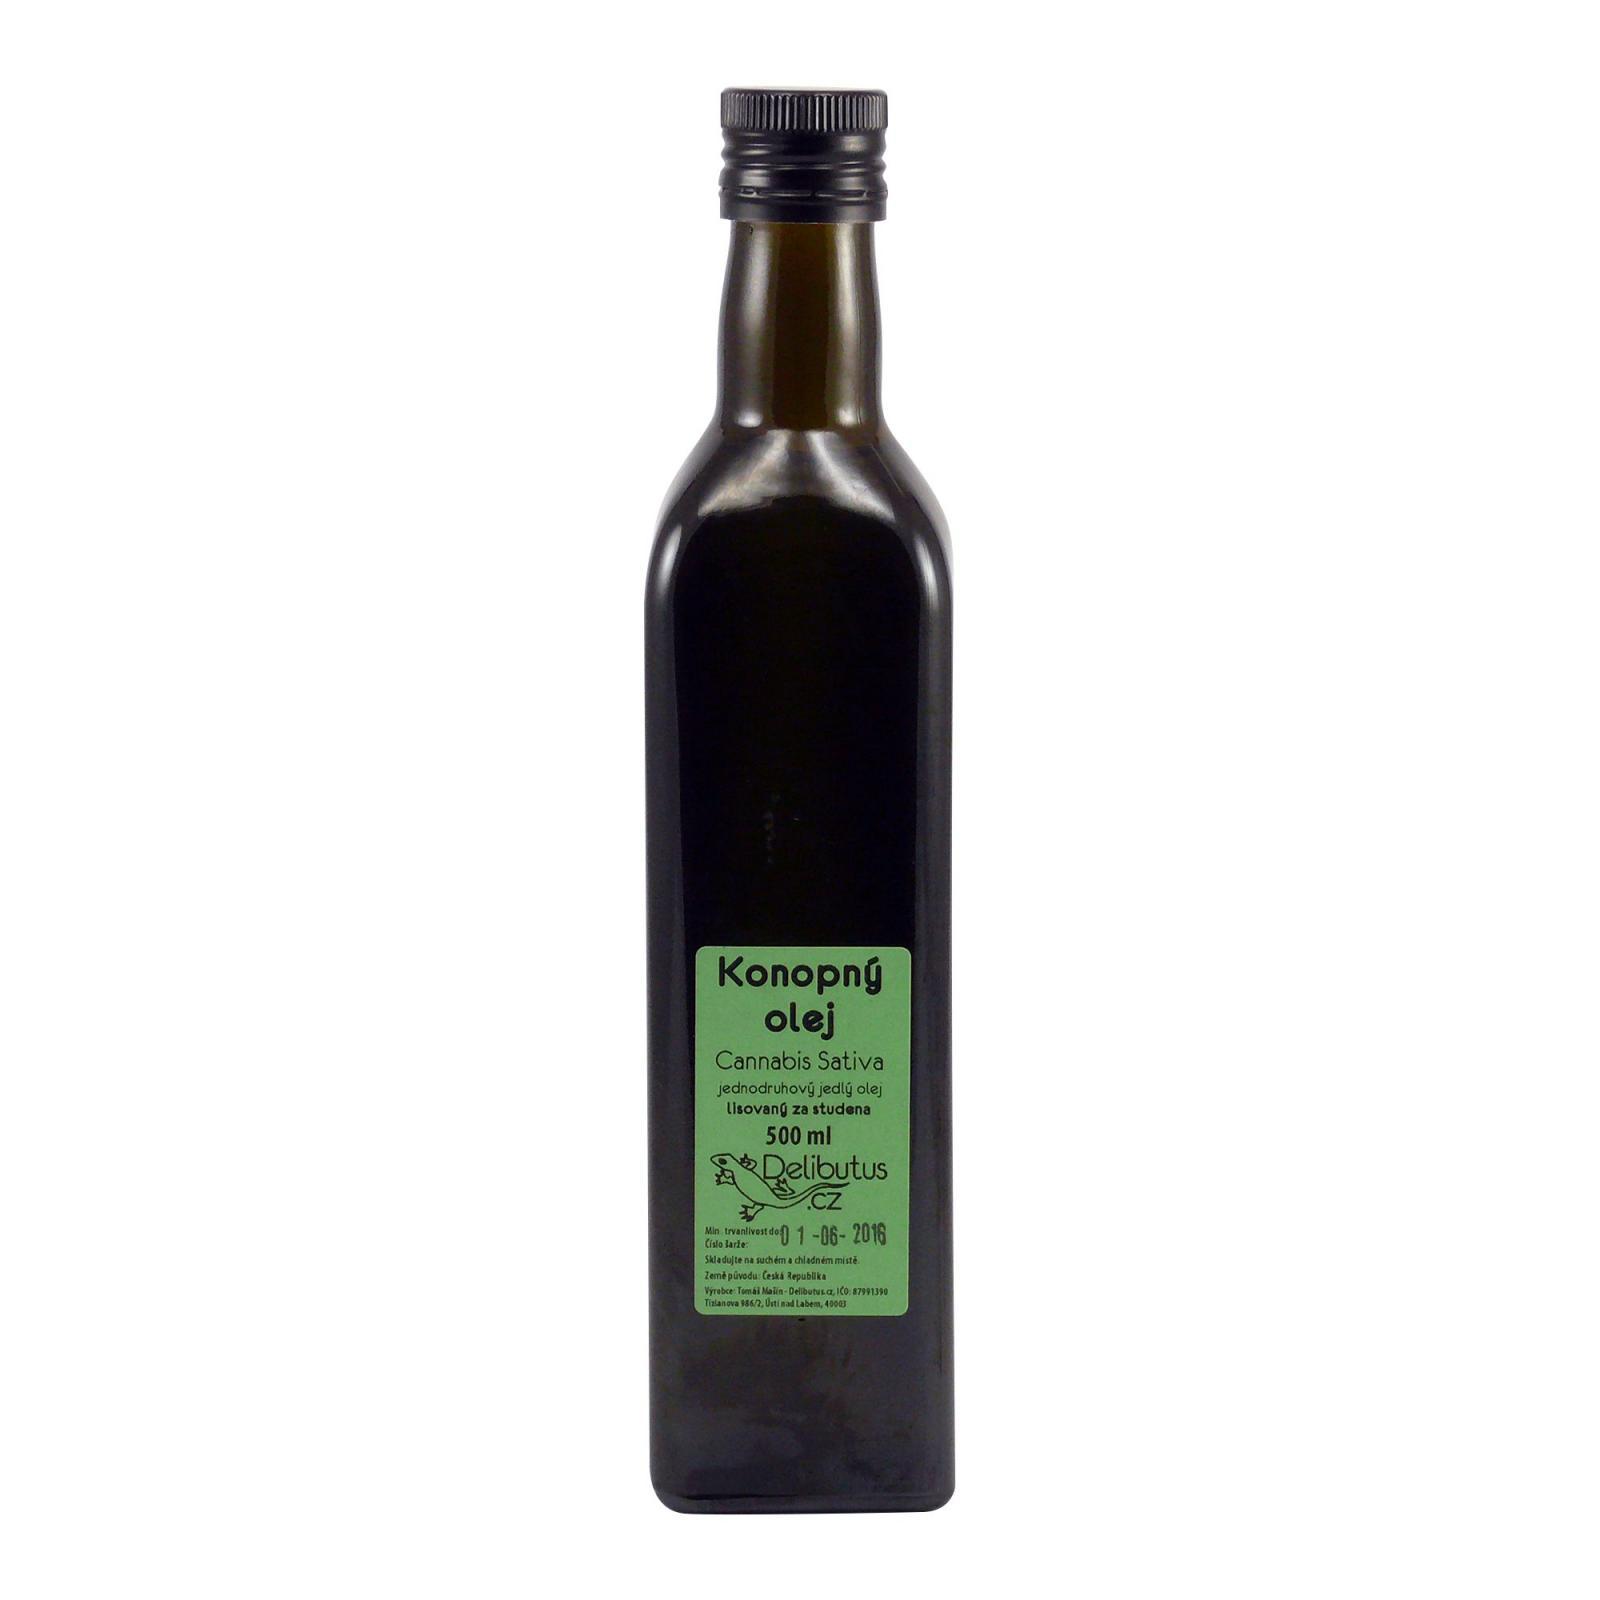 Delibutus Konopný olej 500 ml